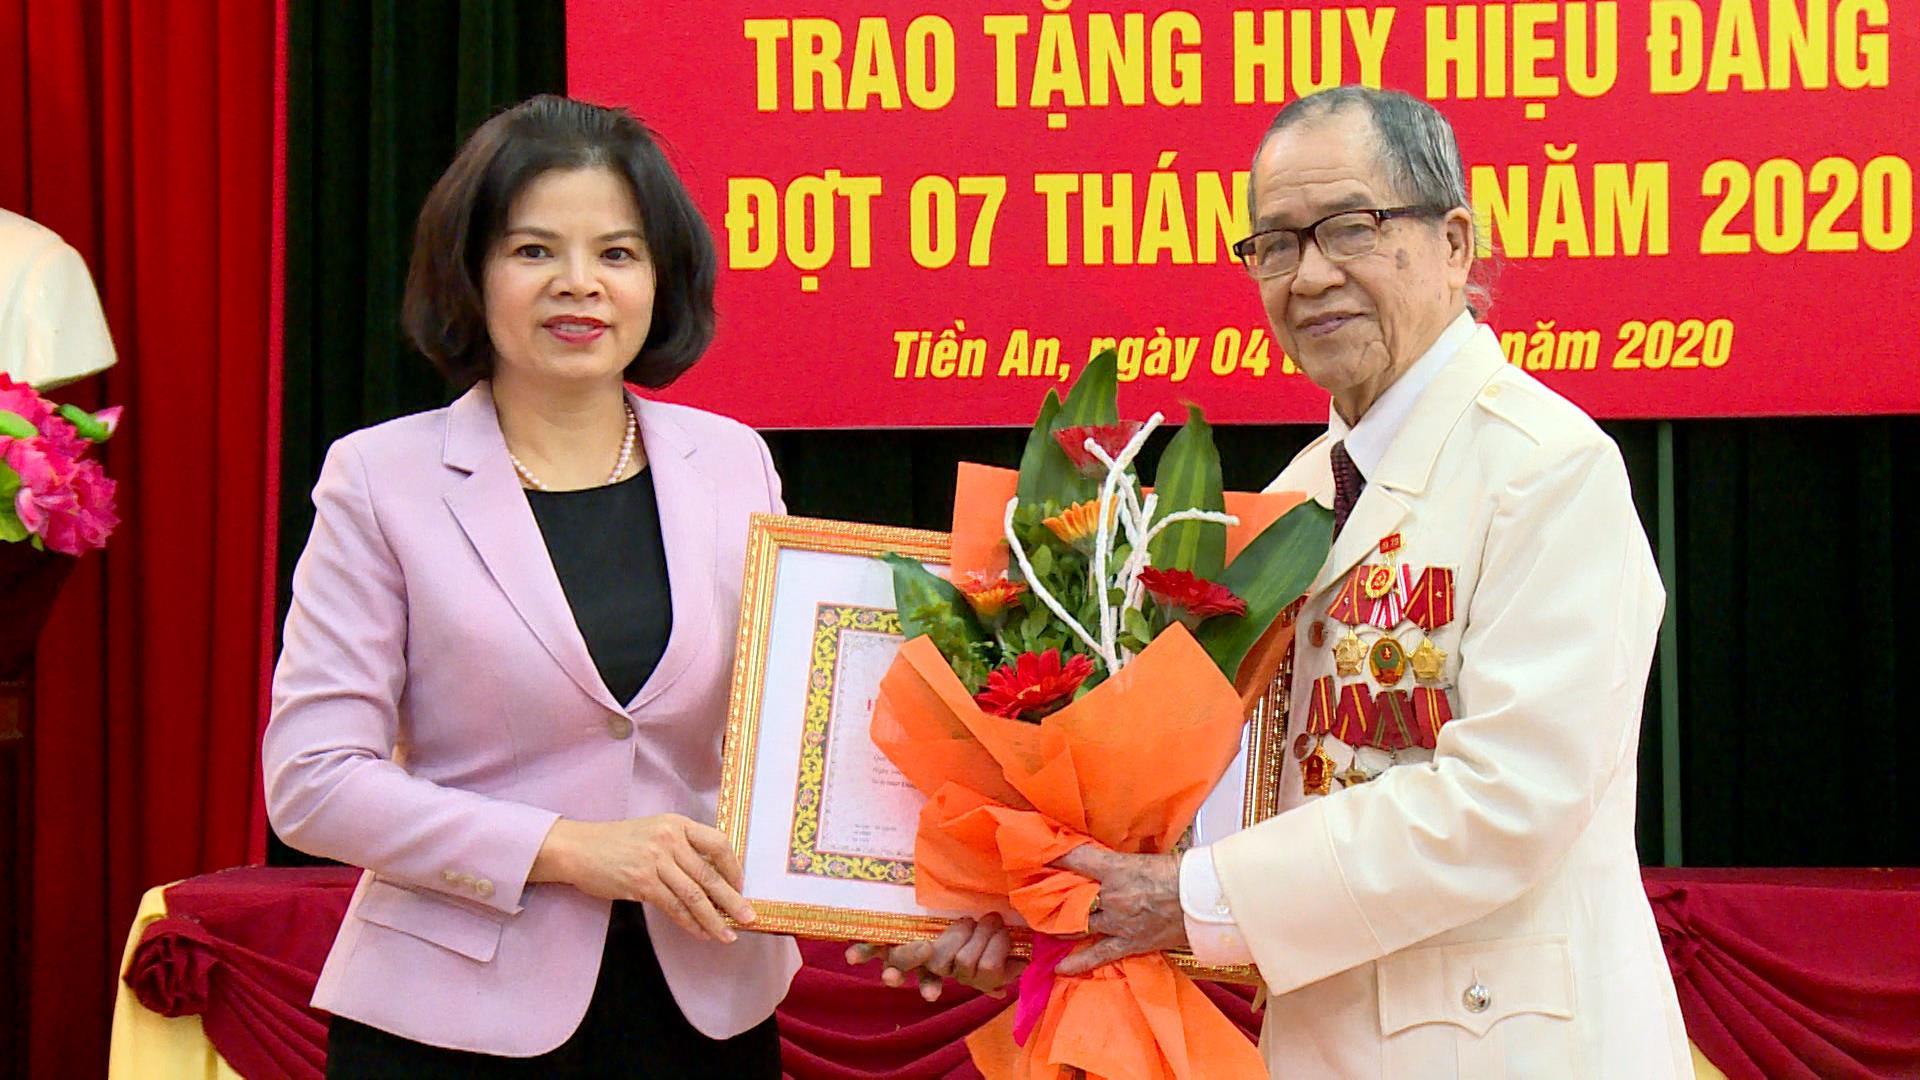 Chủ tịch UBND tỉnh trao Huy hiệu Đảng tại phường Tiền An, Tp Bắc Ninh